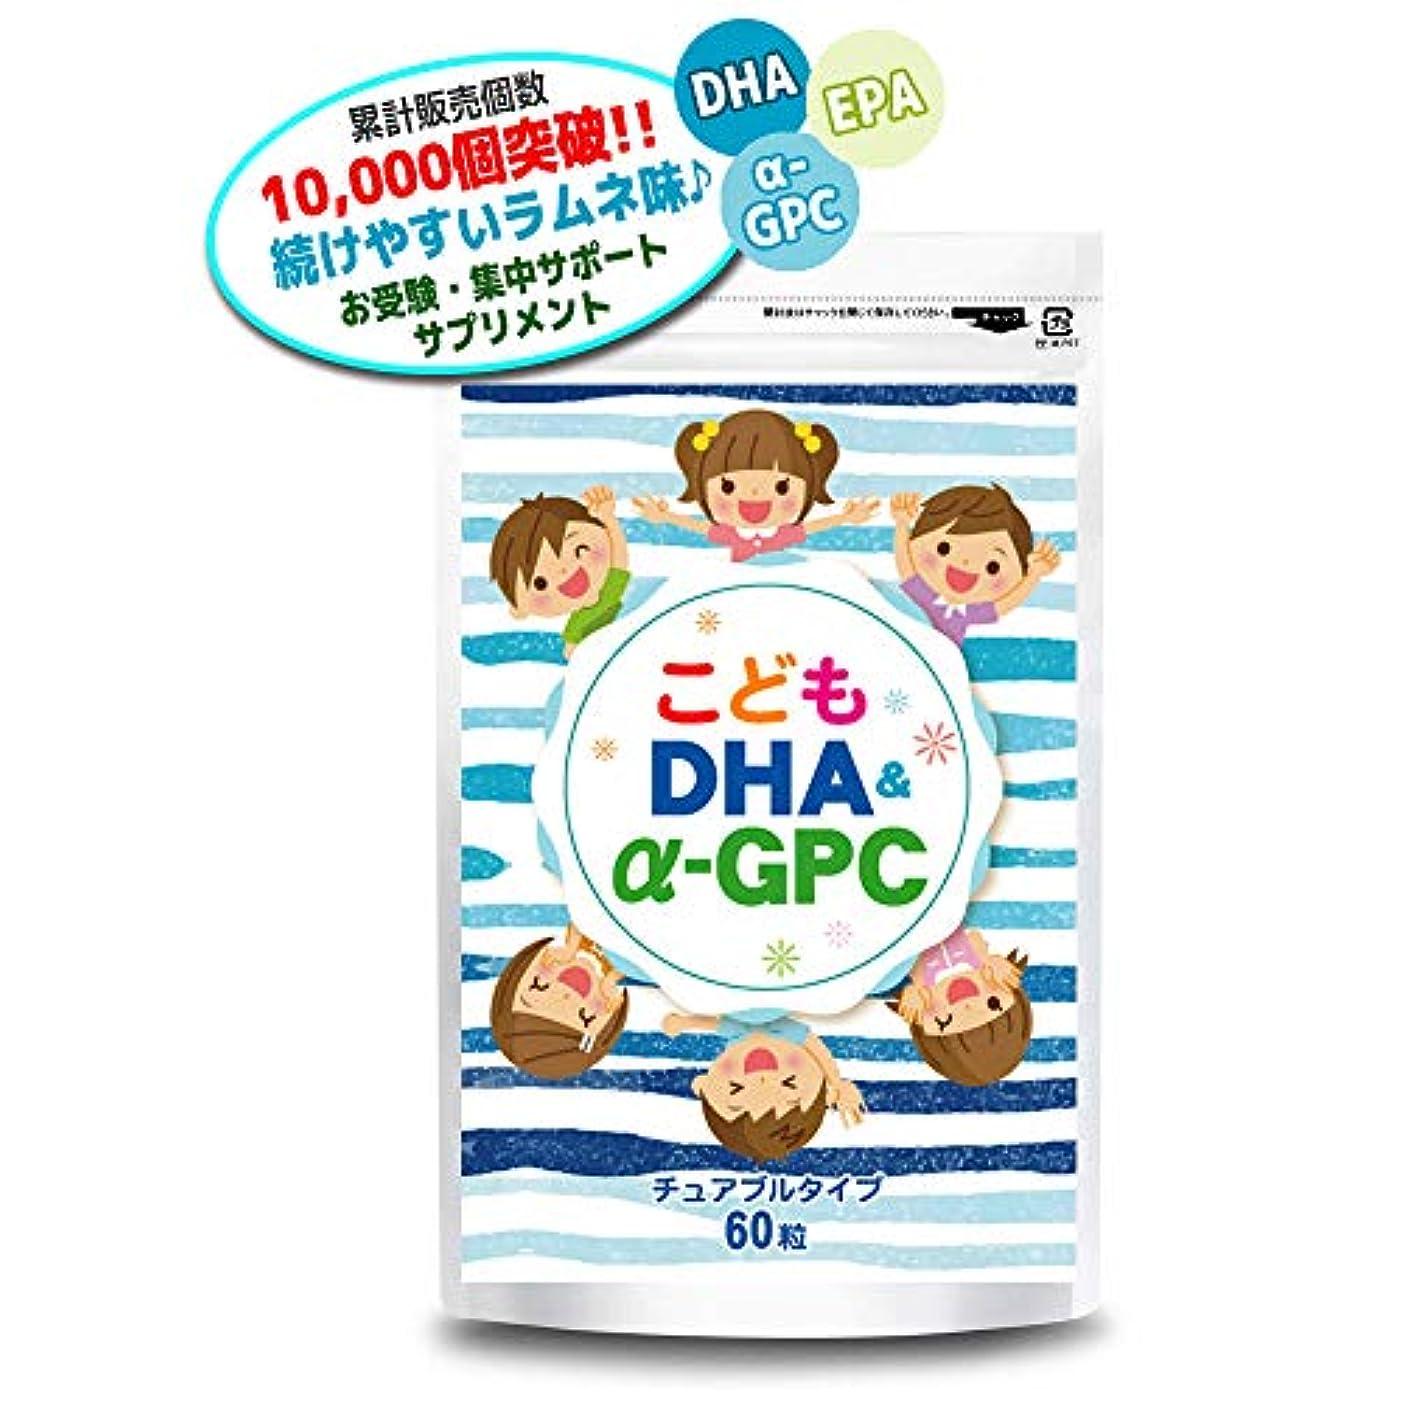 アイロニー大学生犯すこども DHA&α-GPC DHA EPA α-GPC ホスファチジルセリン 配合 【集中?学習特化型サプリメント】 60粒約30日分